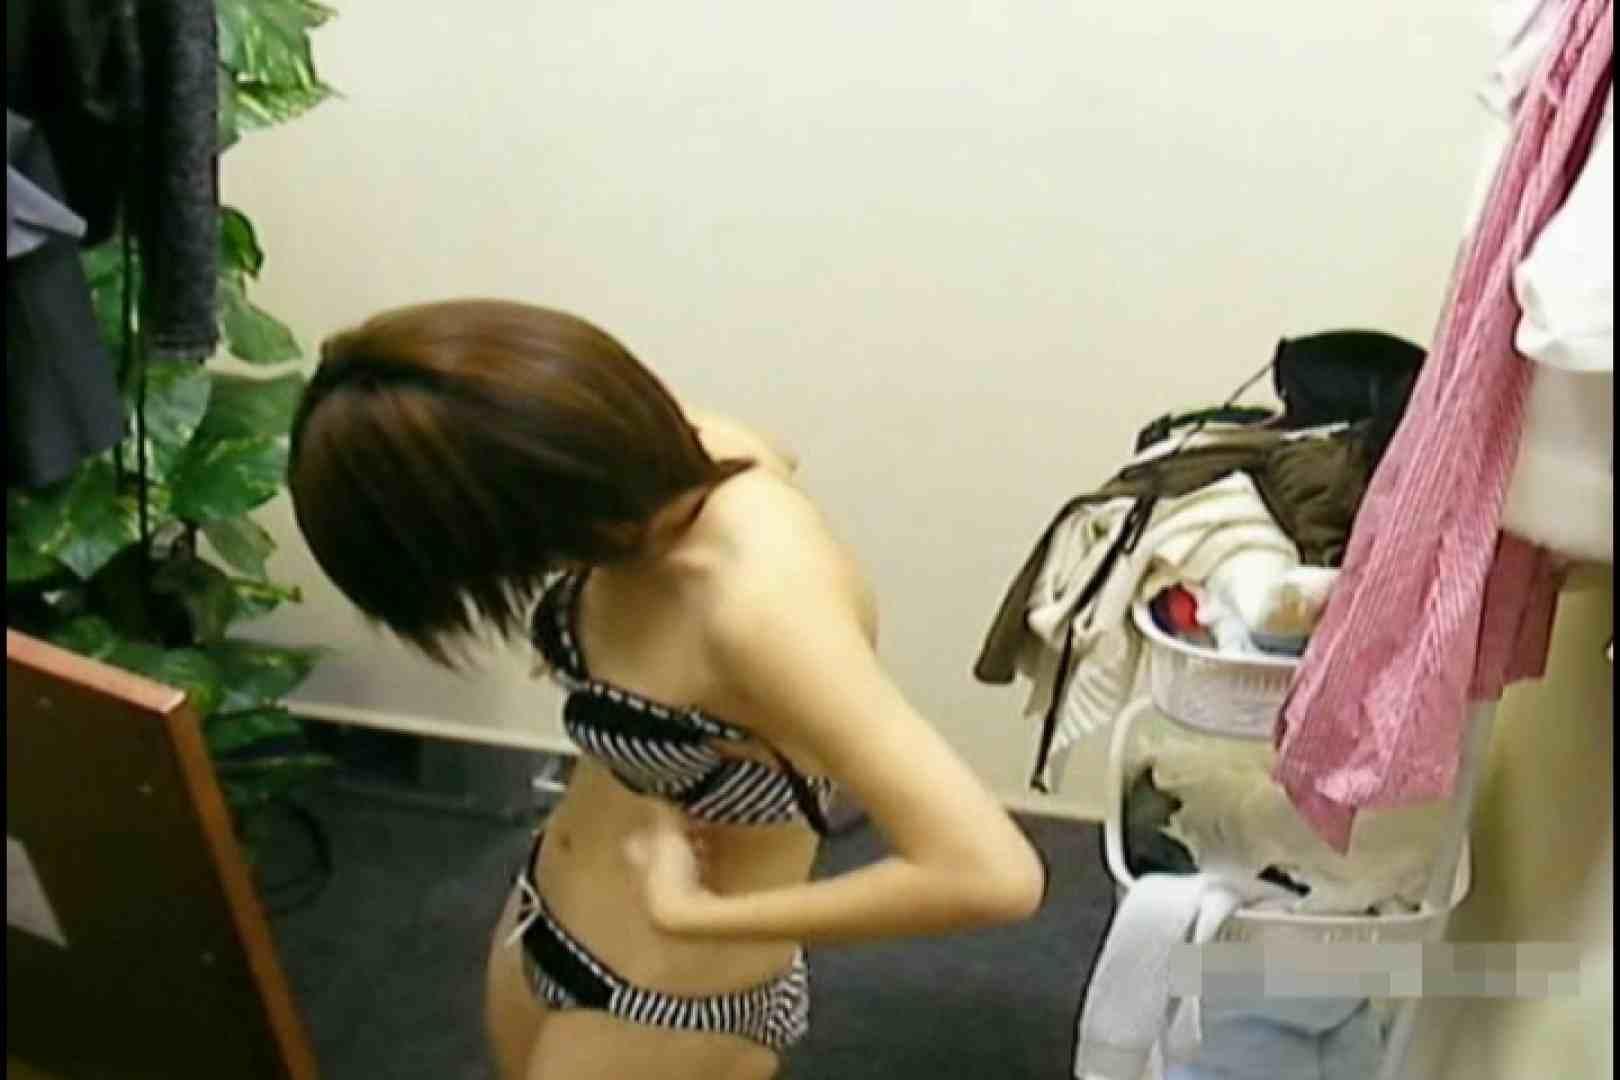 素人撮影 下着だけの撮影のはずが・・・れみ18歳 アイドル 盗撮画像 111pic 44